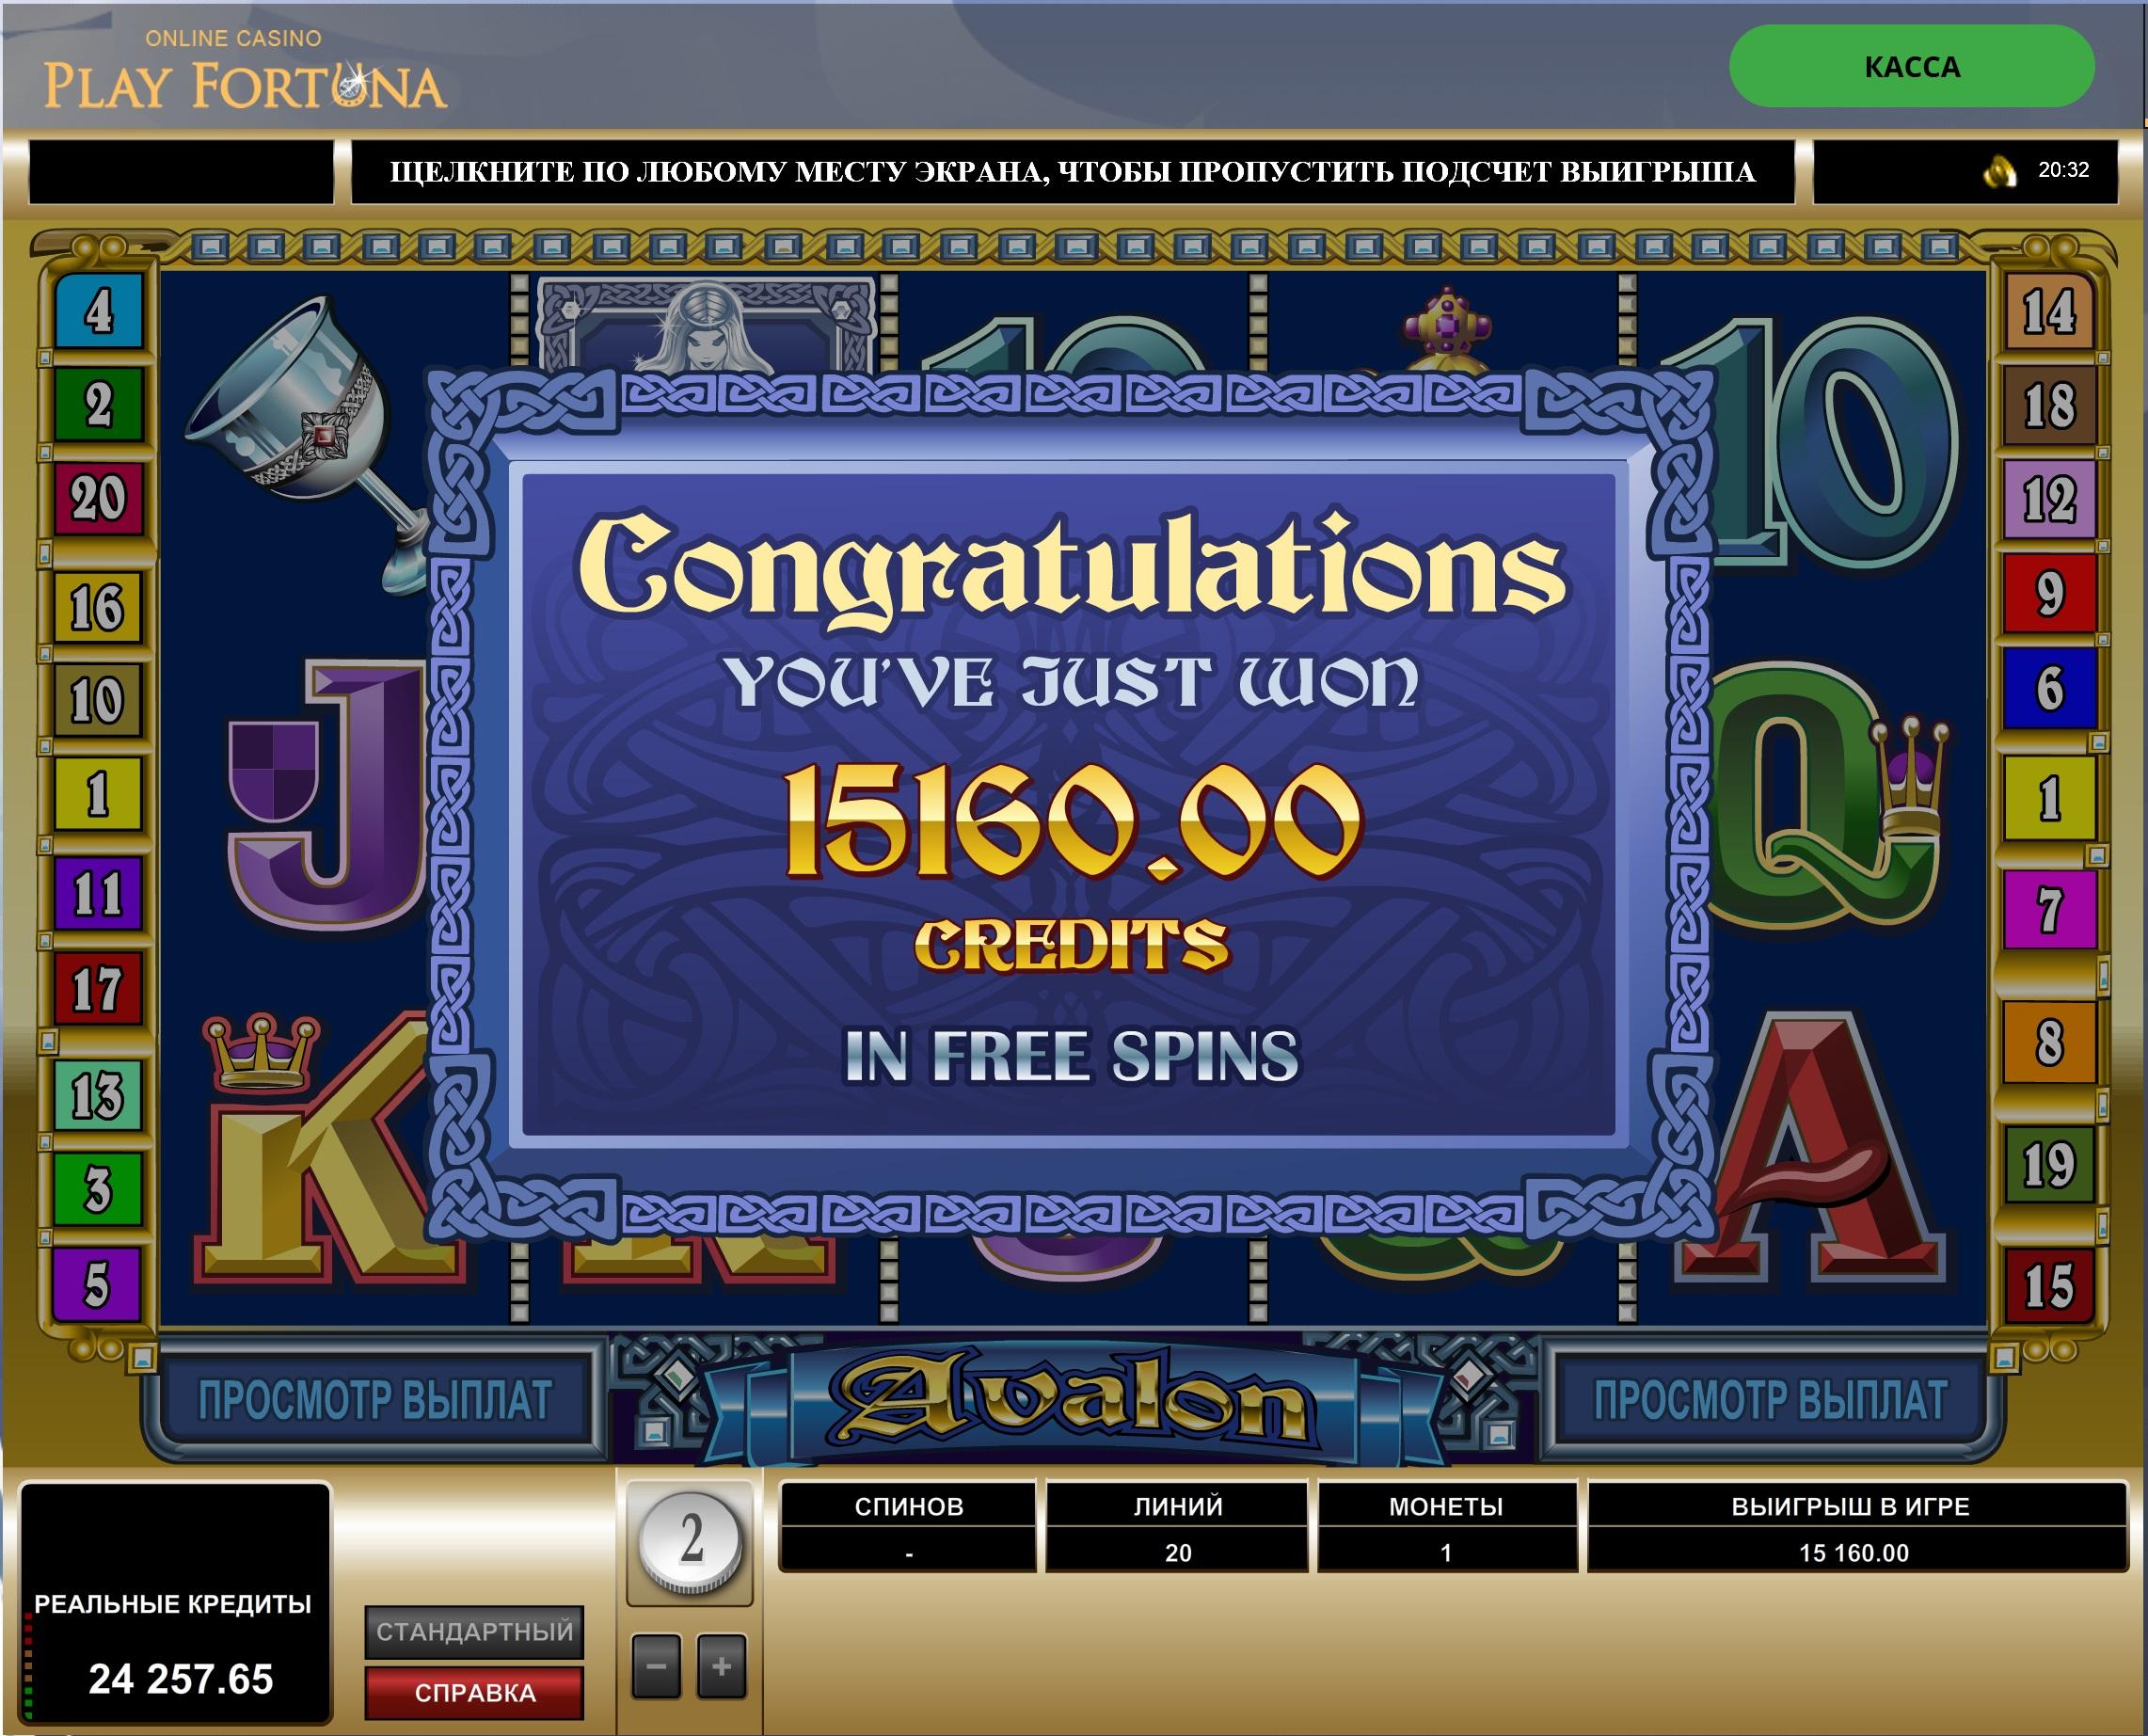 play fortuna слоты с минимальной ставкой